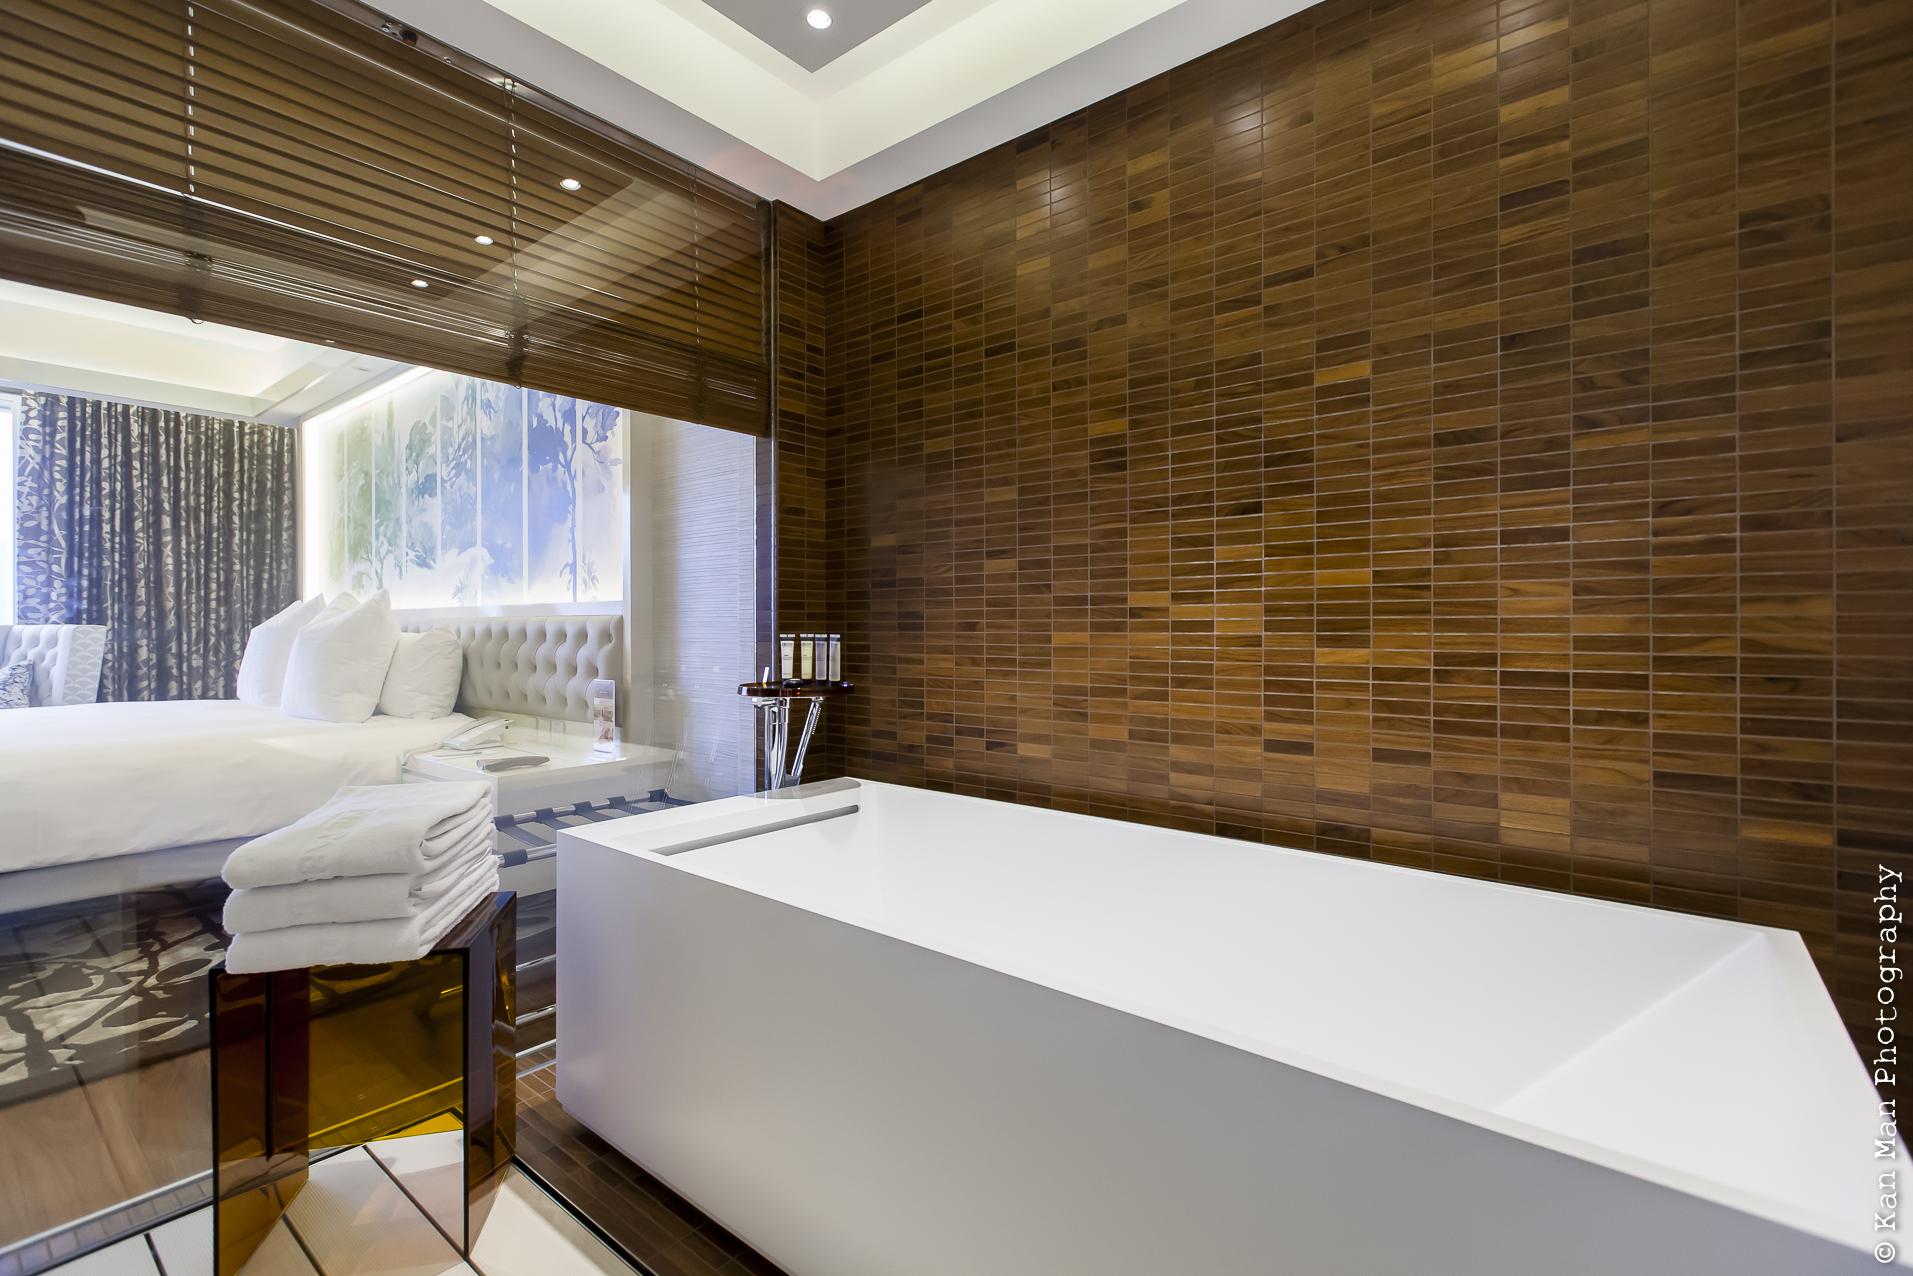 interior hotel_MG_5356.jpg